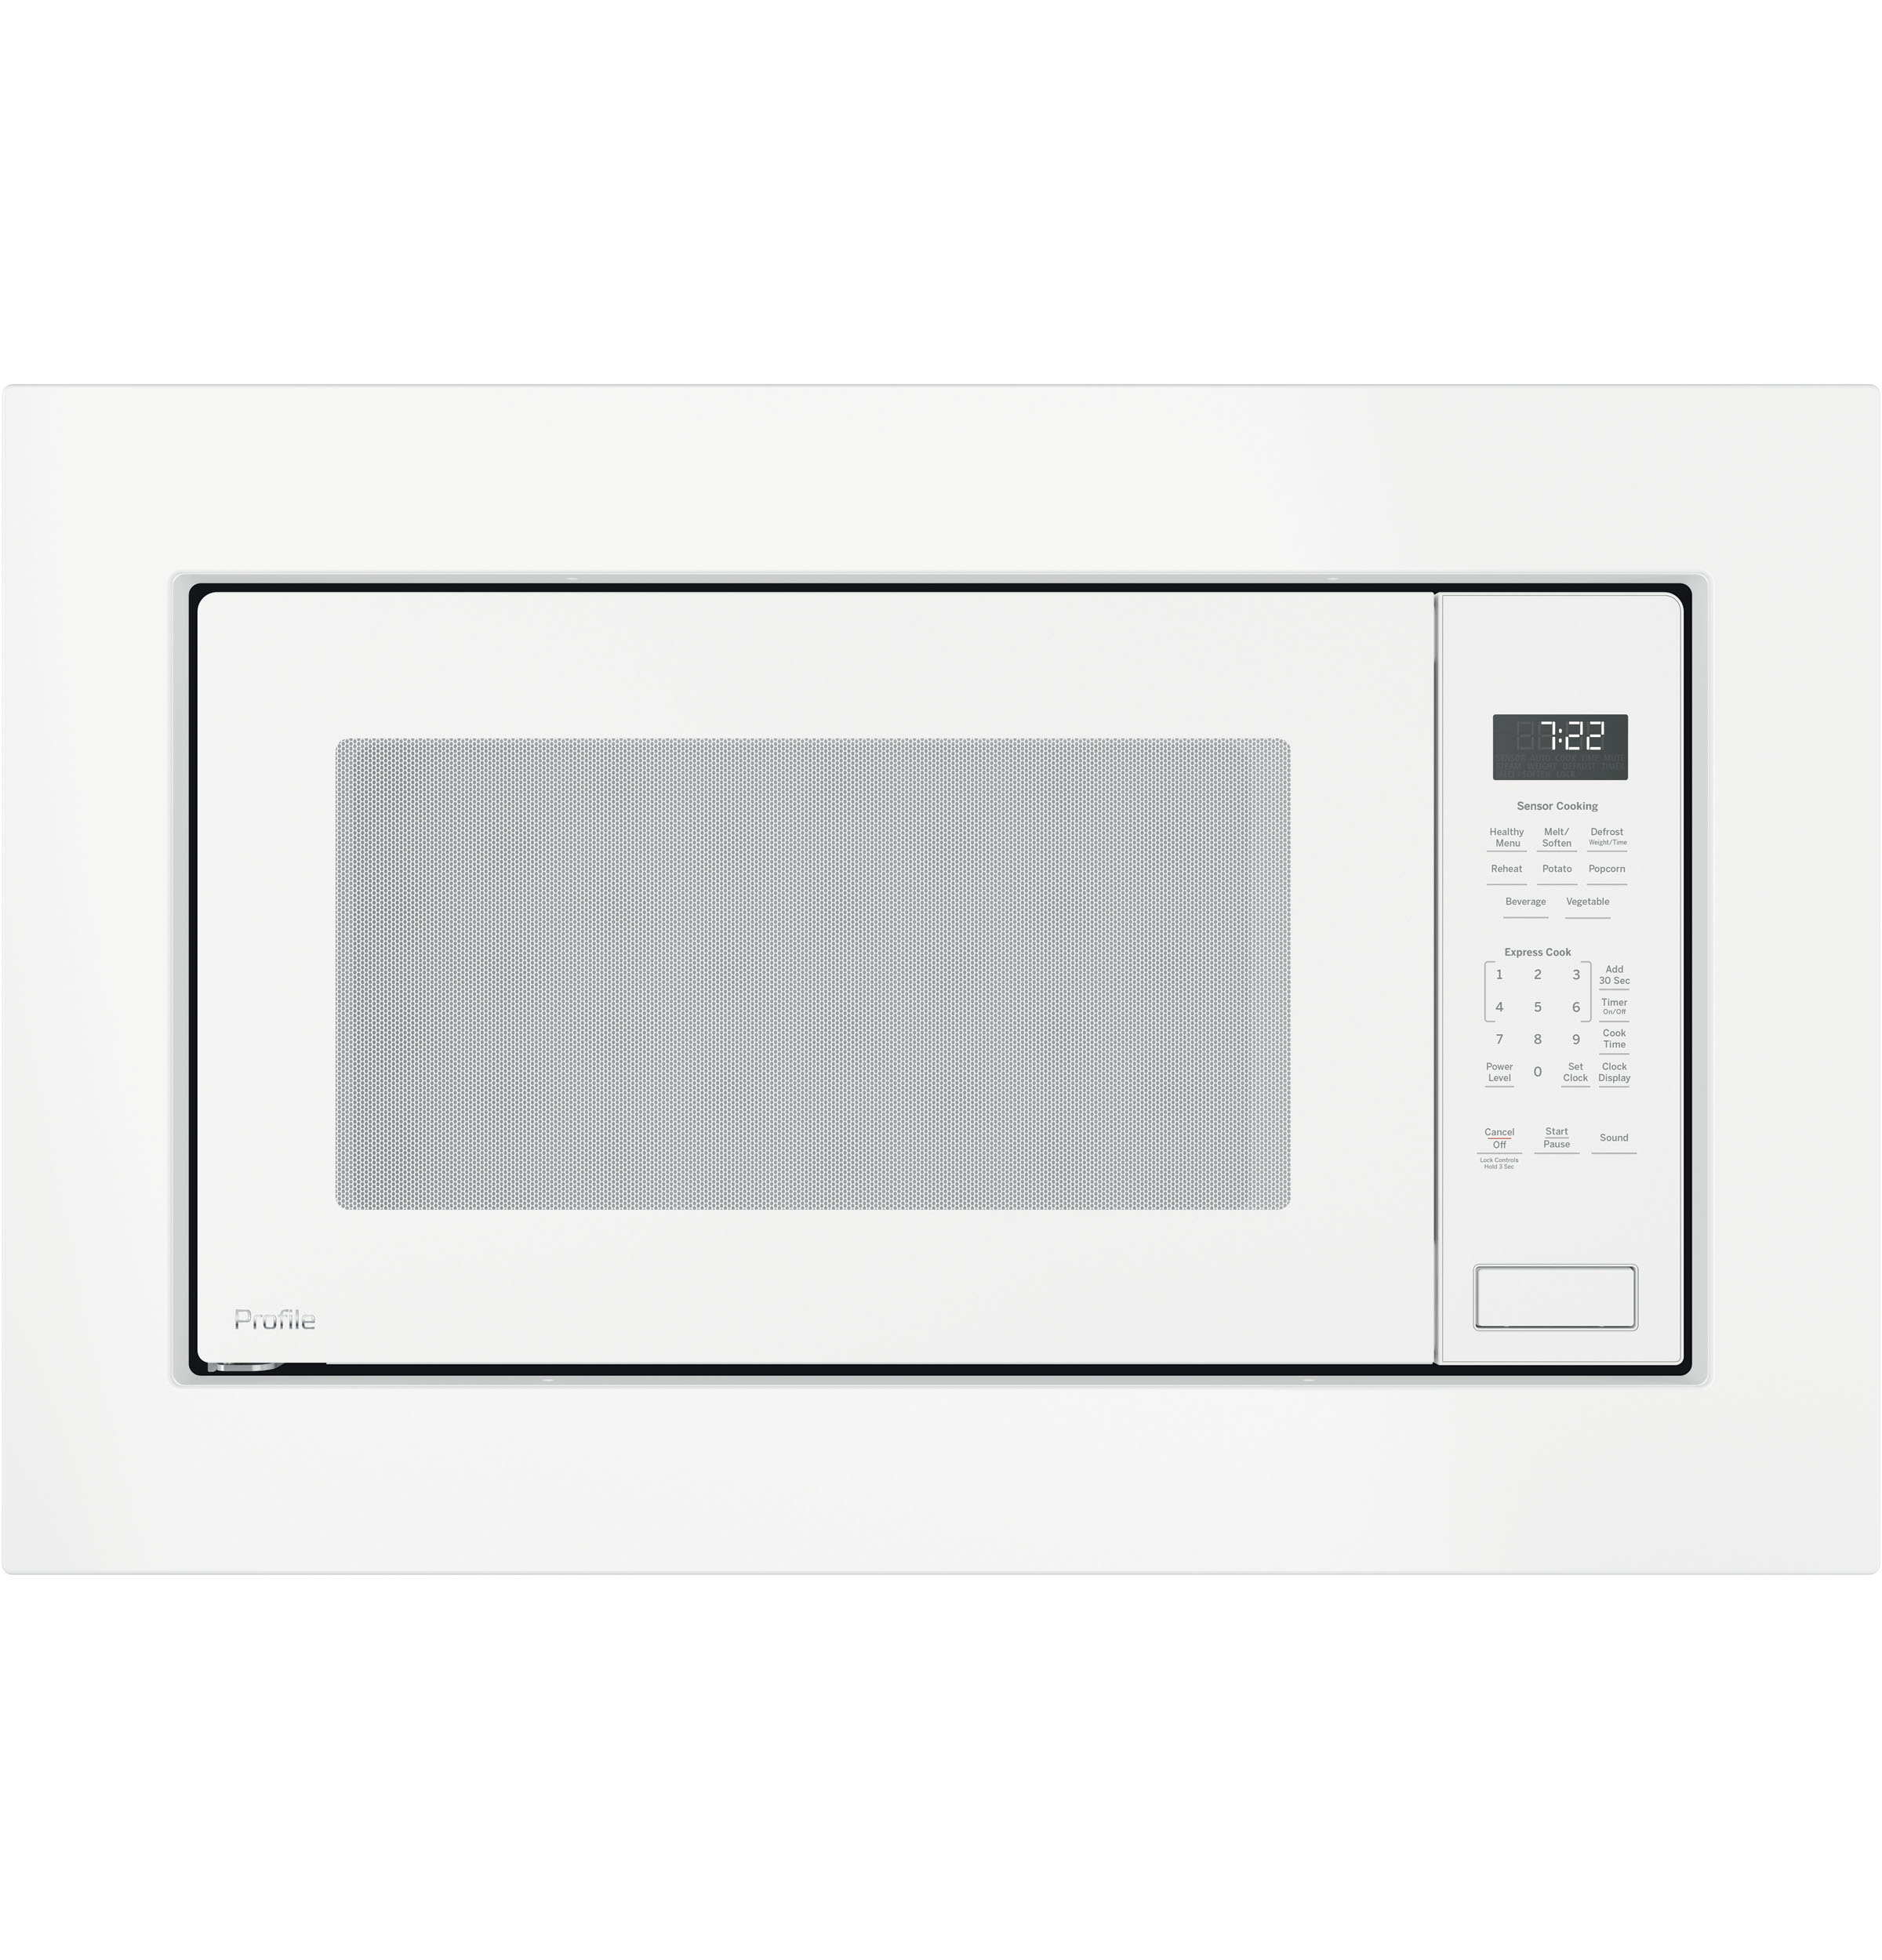 Profile GE Profile™ 2.2 Cu. Ft. Built-In Sensor Microwave Oven